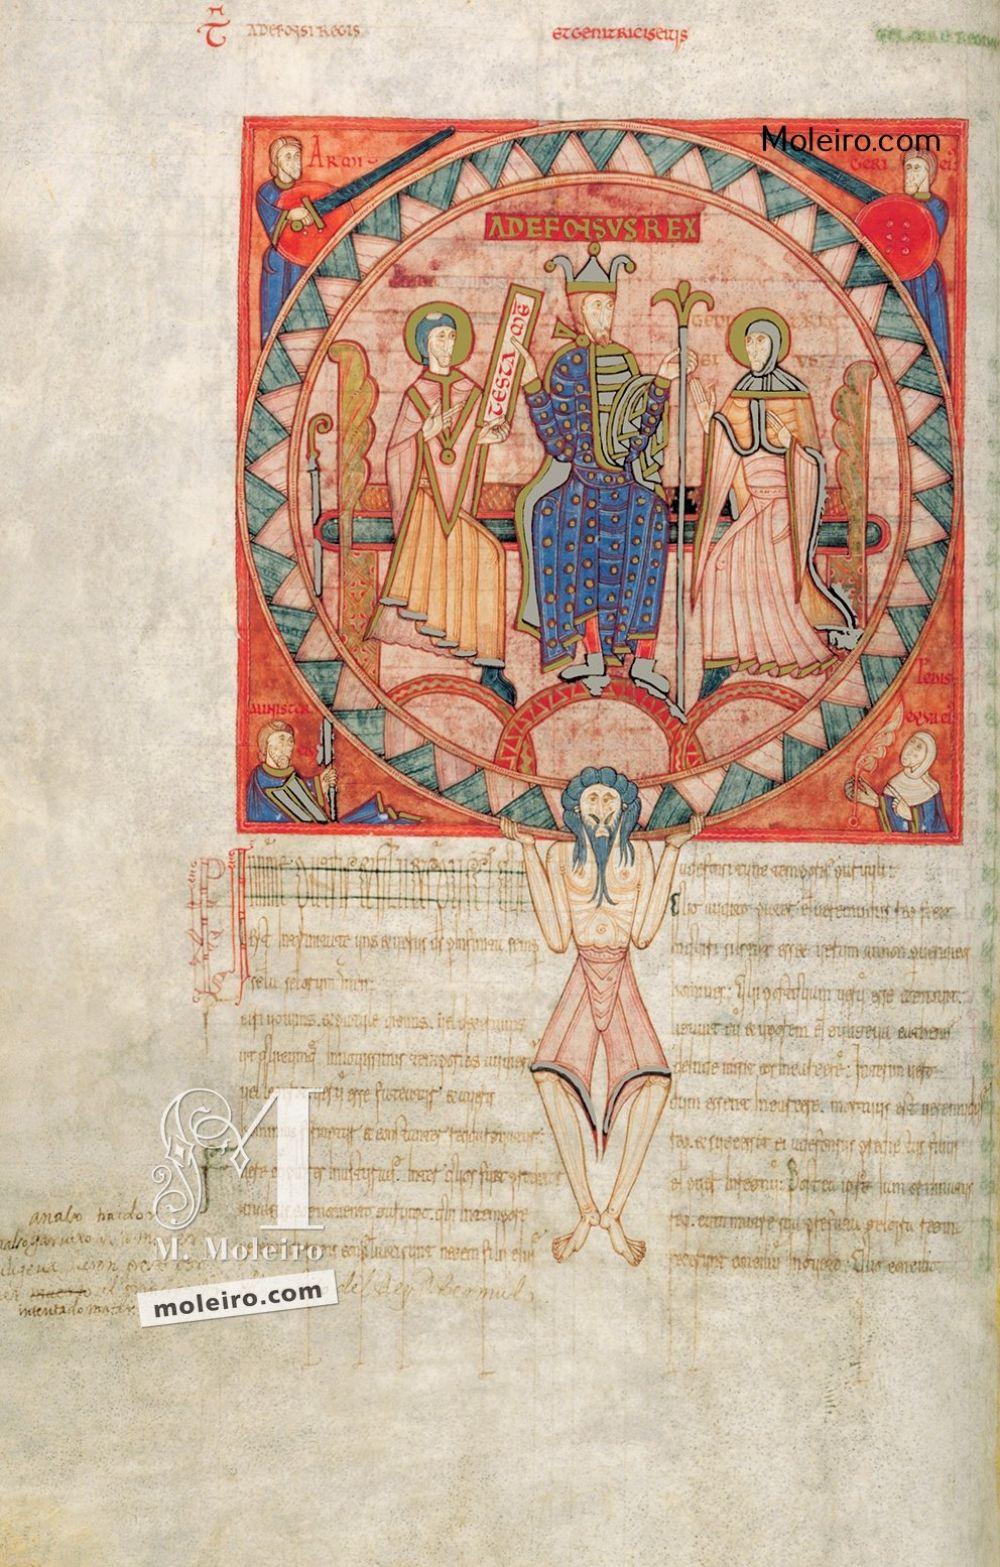 Libro dei Testamenti folio 53v